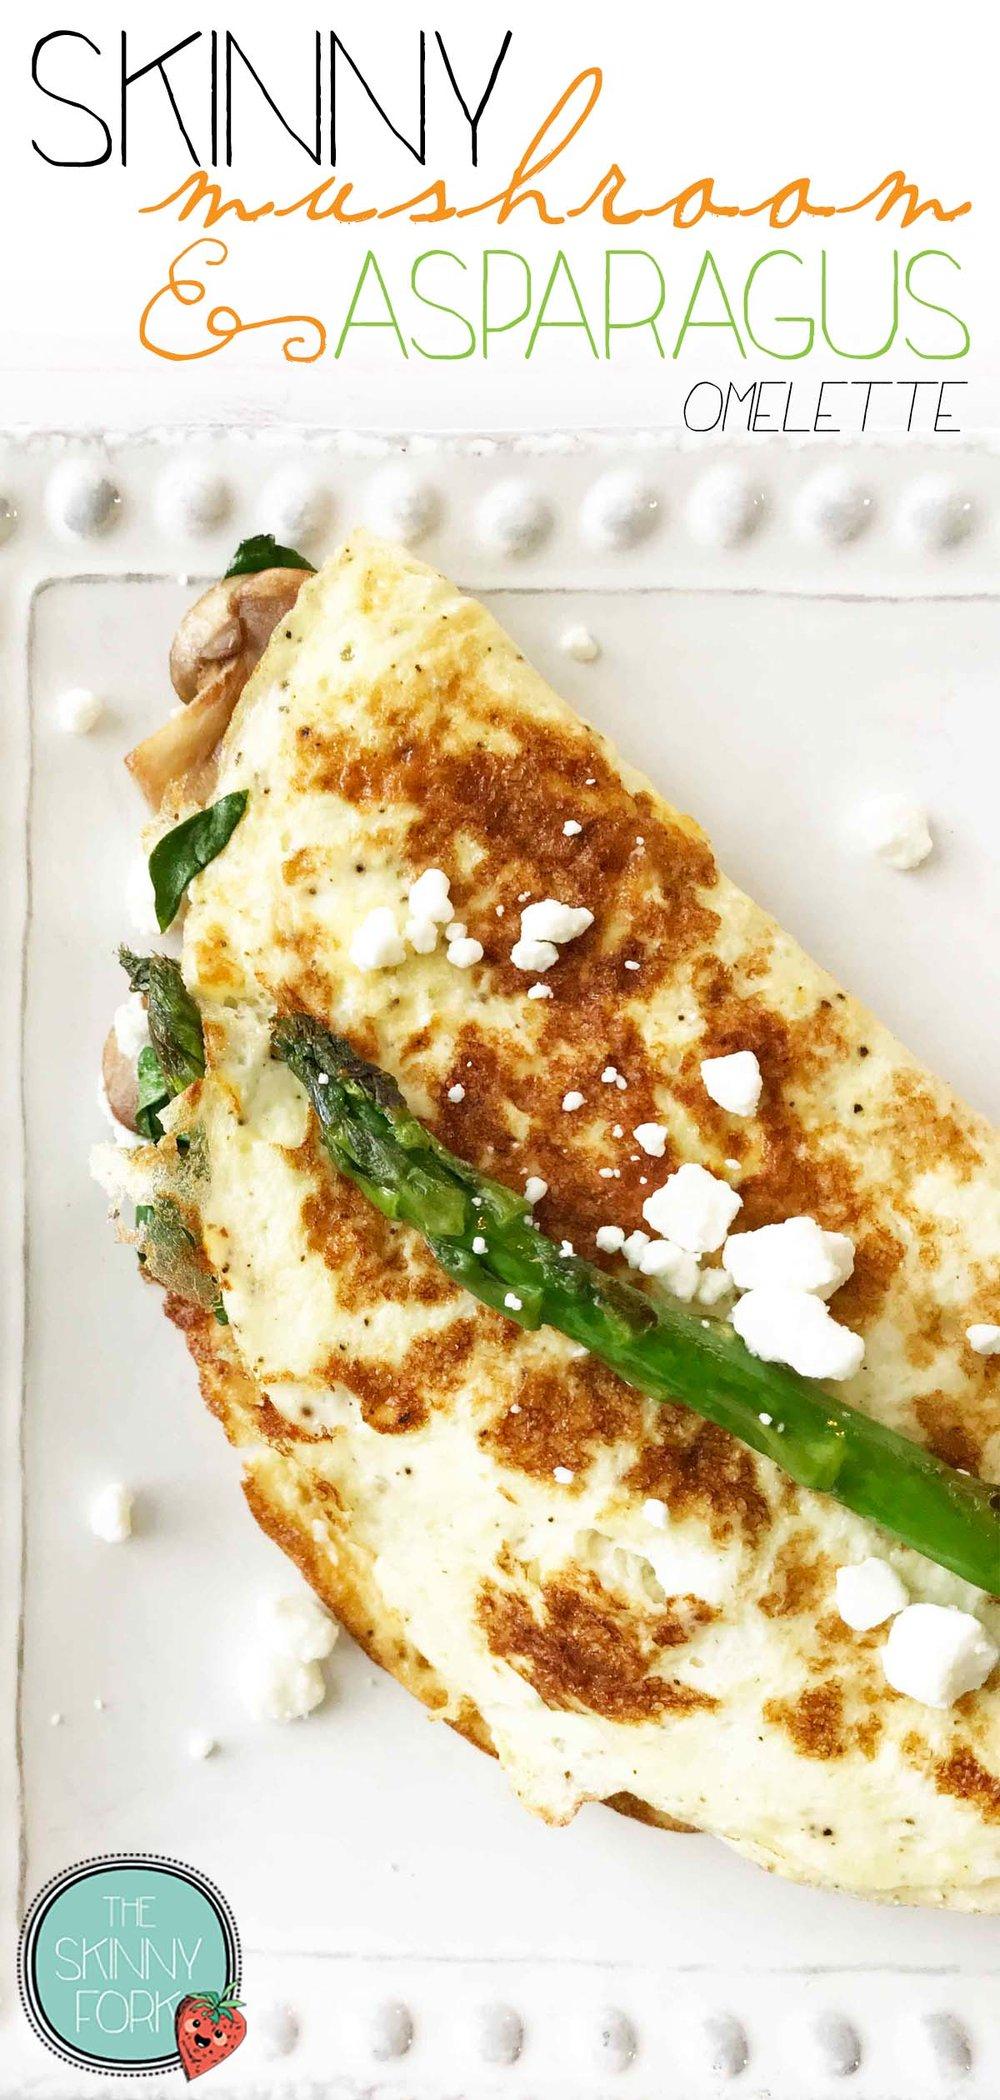 mushroom-asparagus-omelette-pin.jpg